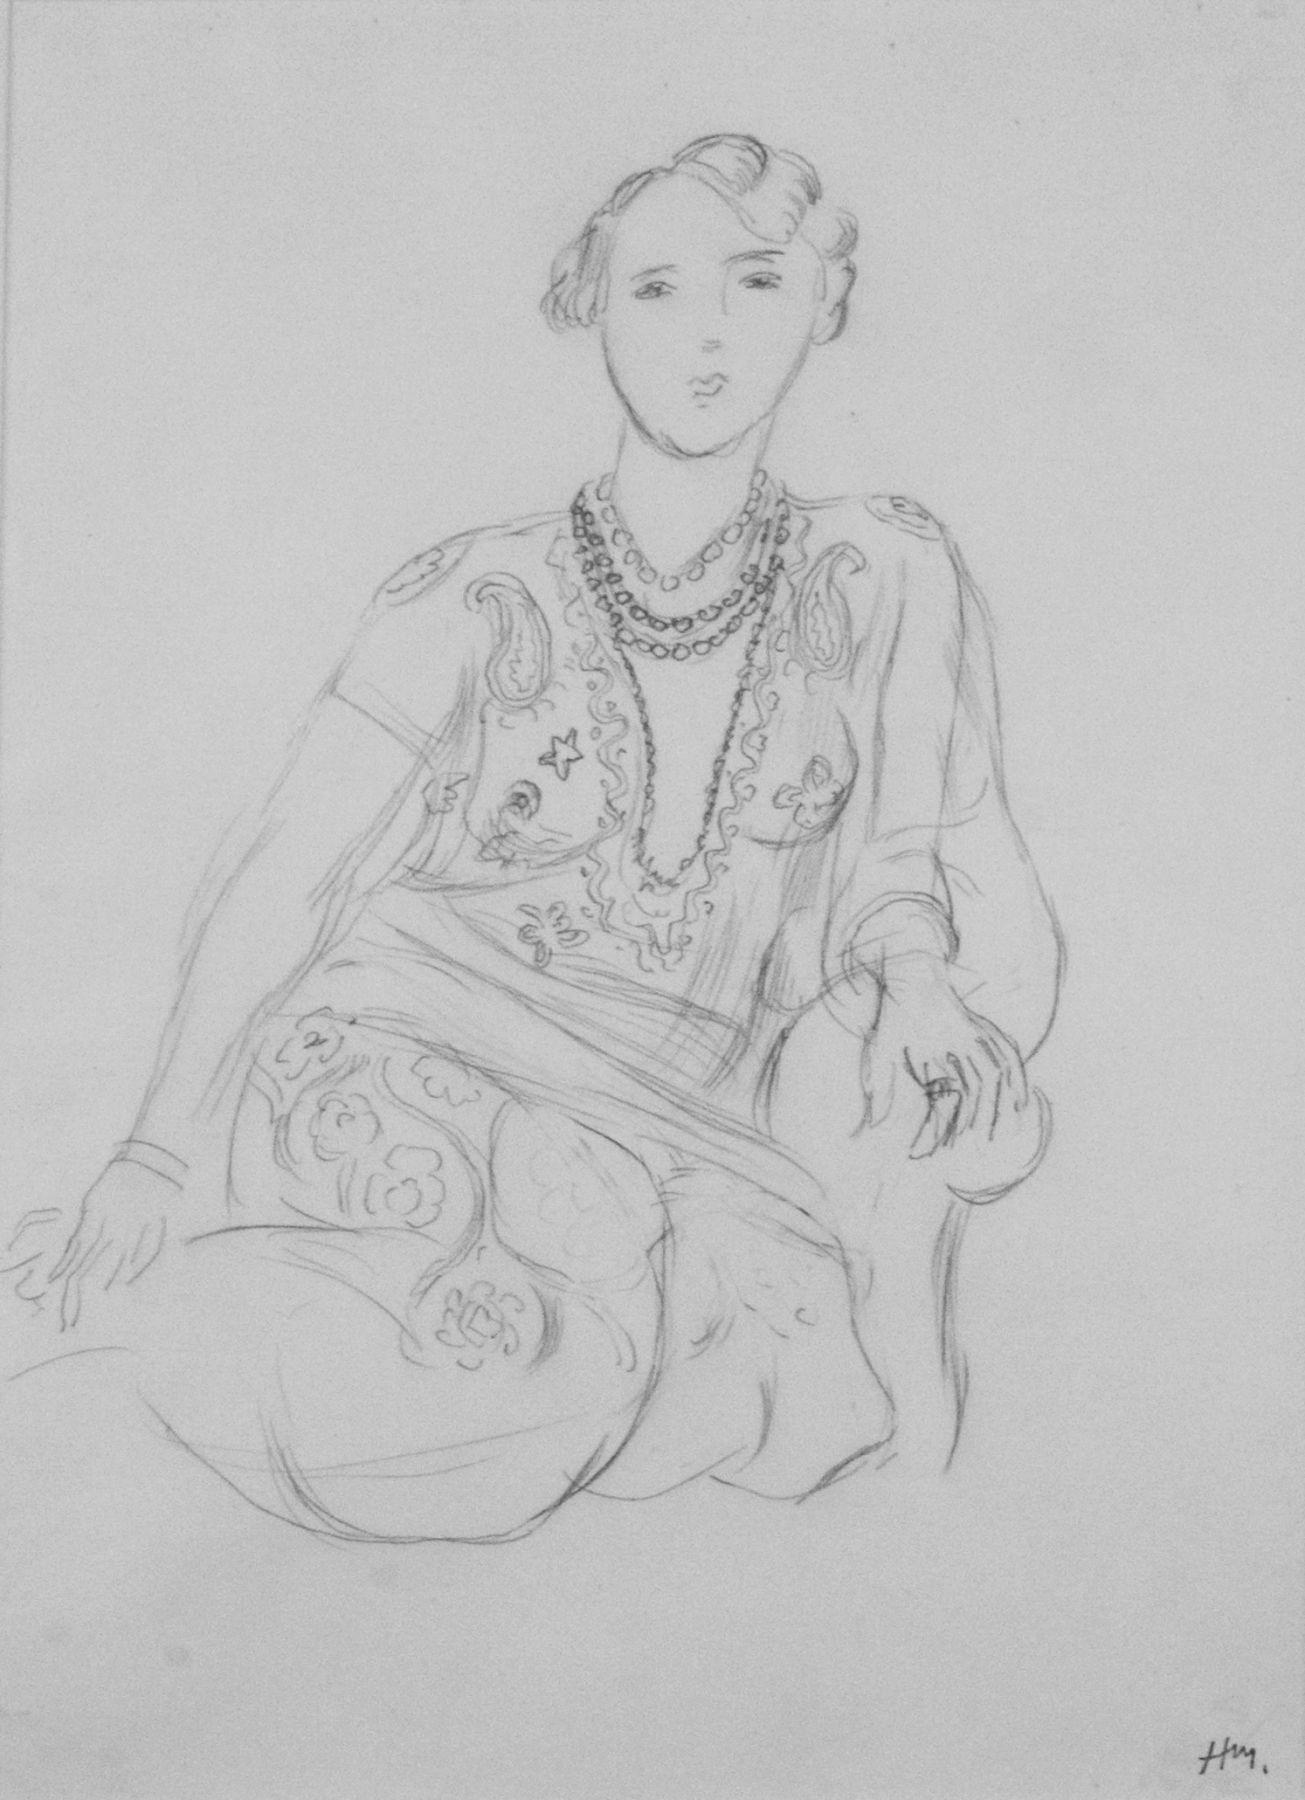 Henri Matisse, Femme au collier (Portrait de Henriette Darricarrière), 1926, pencil on paper, 14 x 10 7/8 inches